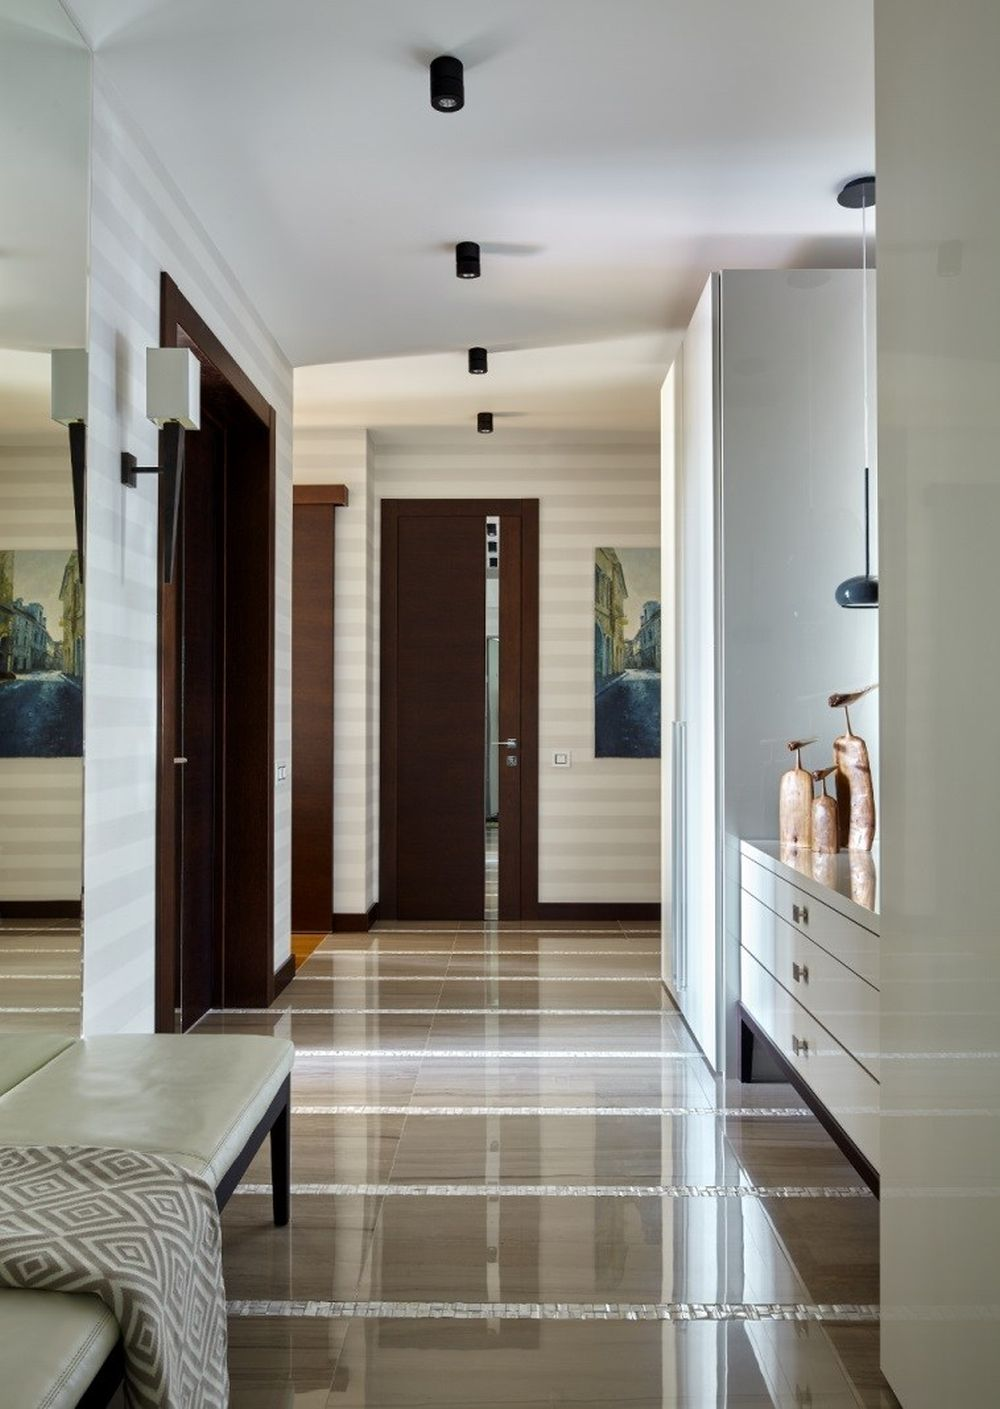 adelaparvu.com despre apartament elegant de 4 camere, Moscova, Designer Veronica Sudnikova, Foto Sergey Ananyev (7)